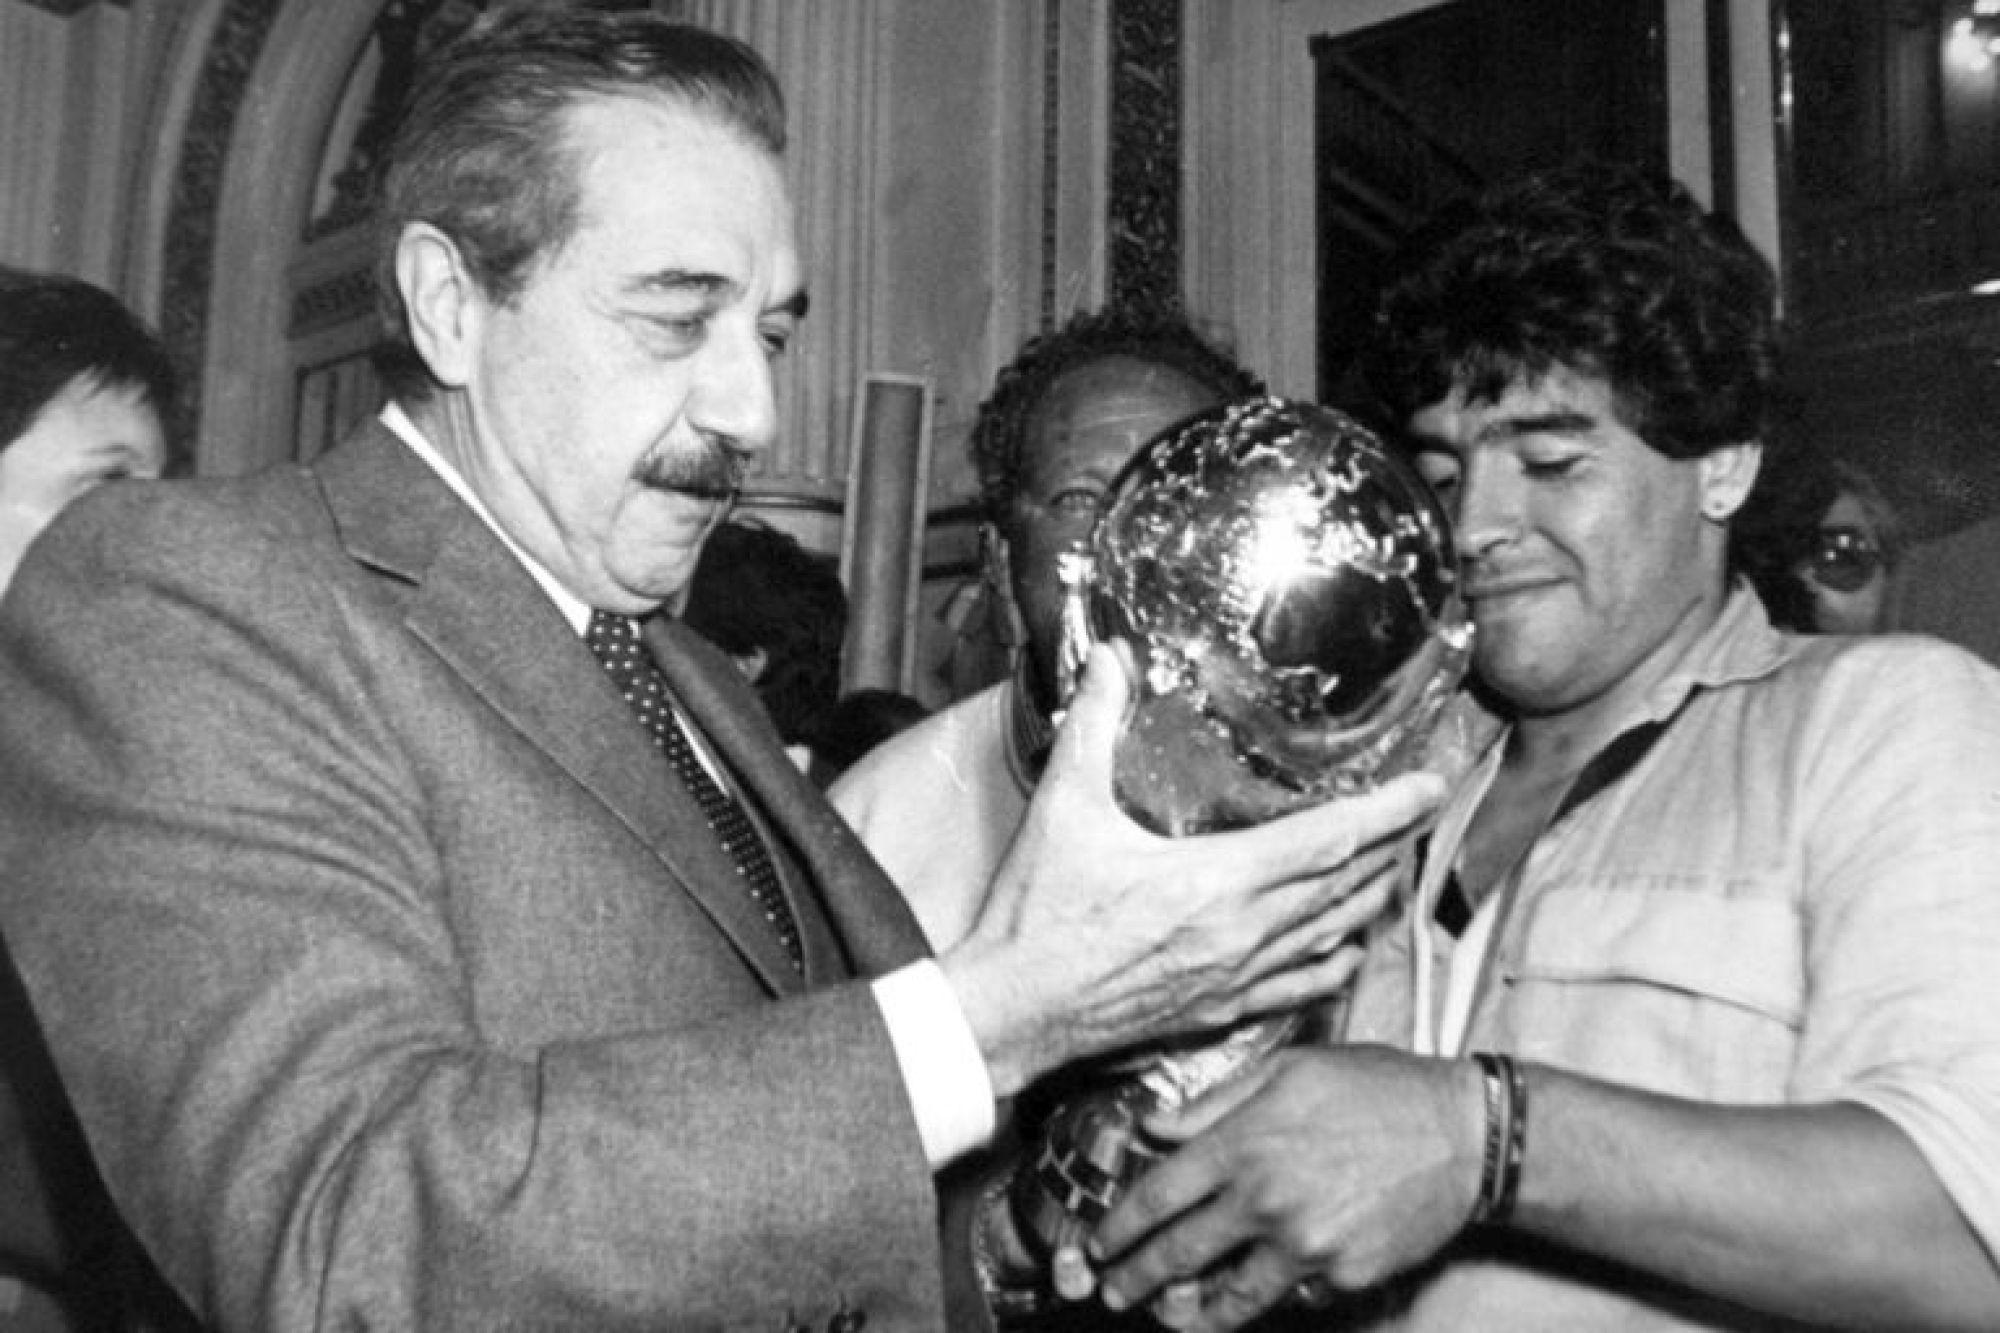 Diego Maradona le muestra a Raúl Alfonsín la copa obtenida en el Mundial 1986